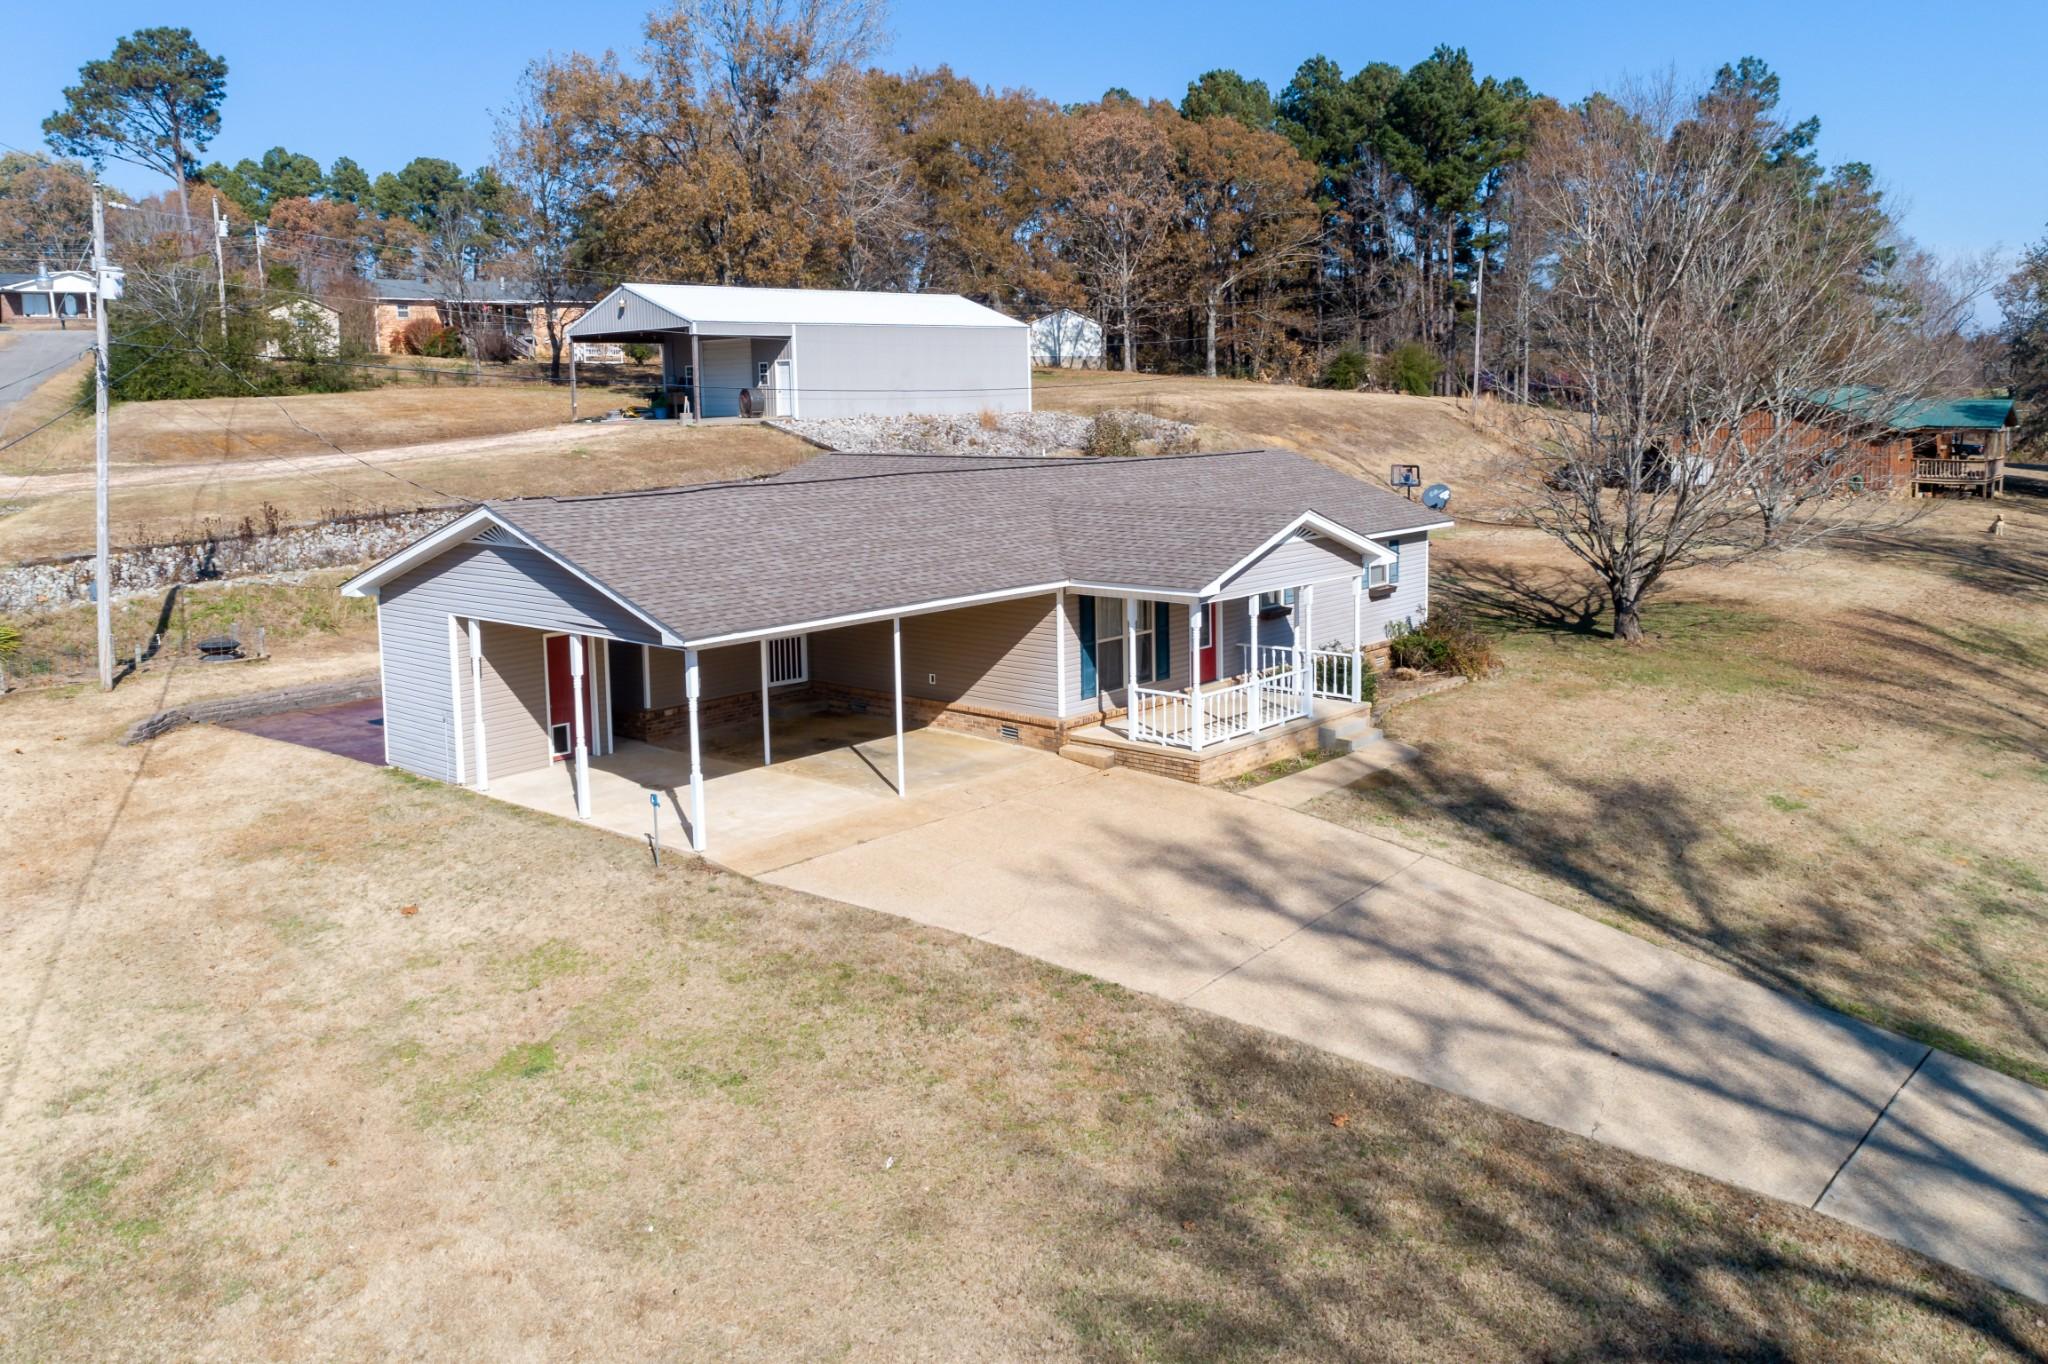 131 Pettigrew St, Parsons, TN 38363 - Parsons, TN real estate listing